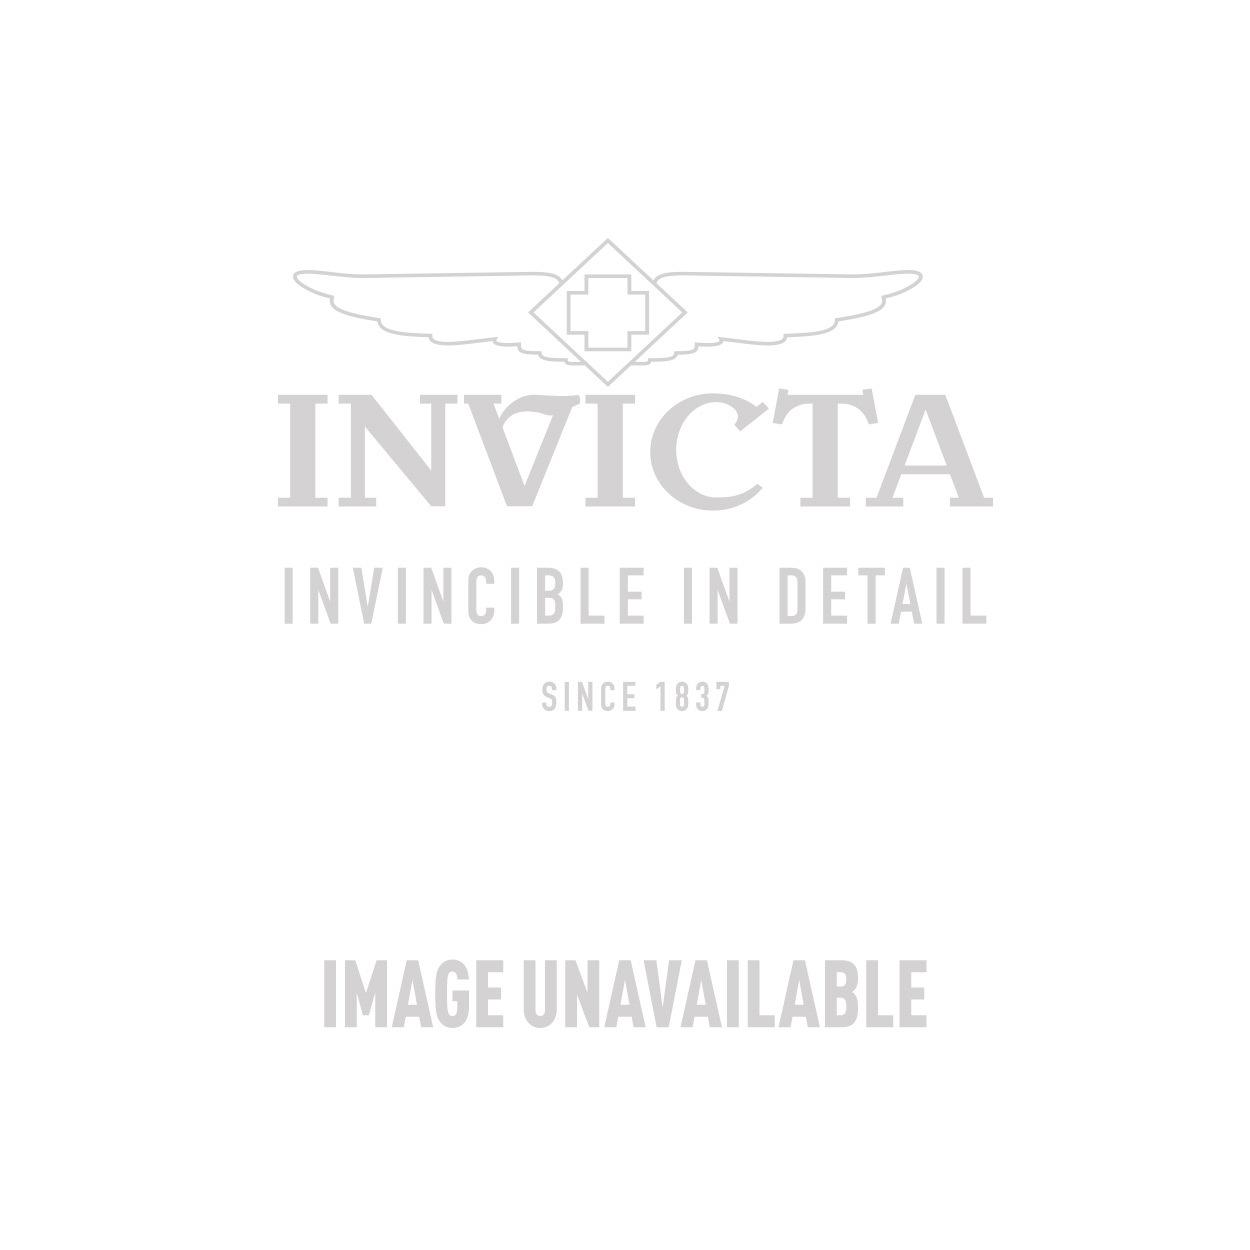 Invicta Model 21982